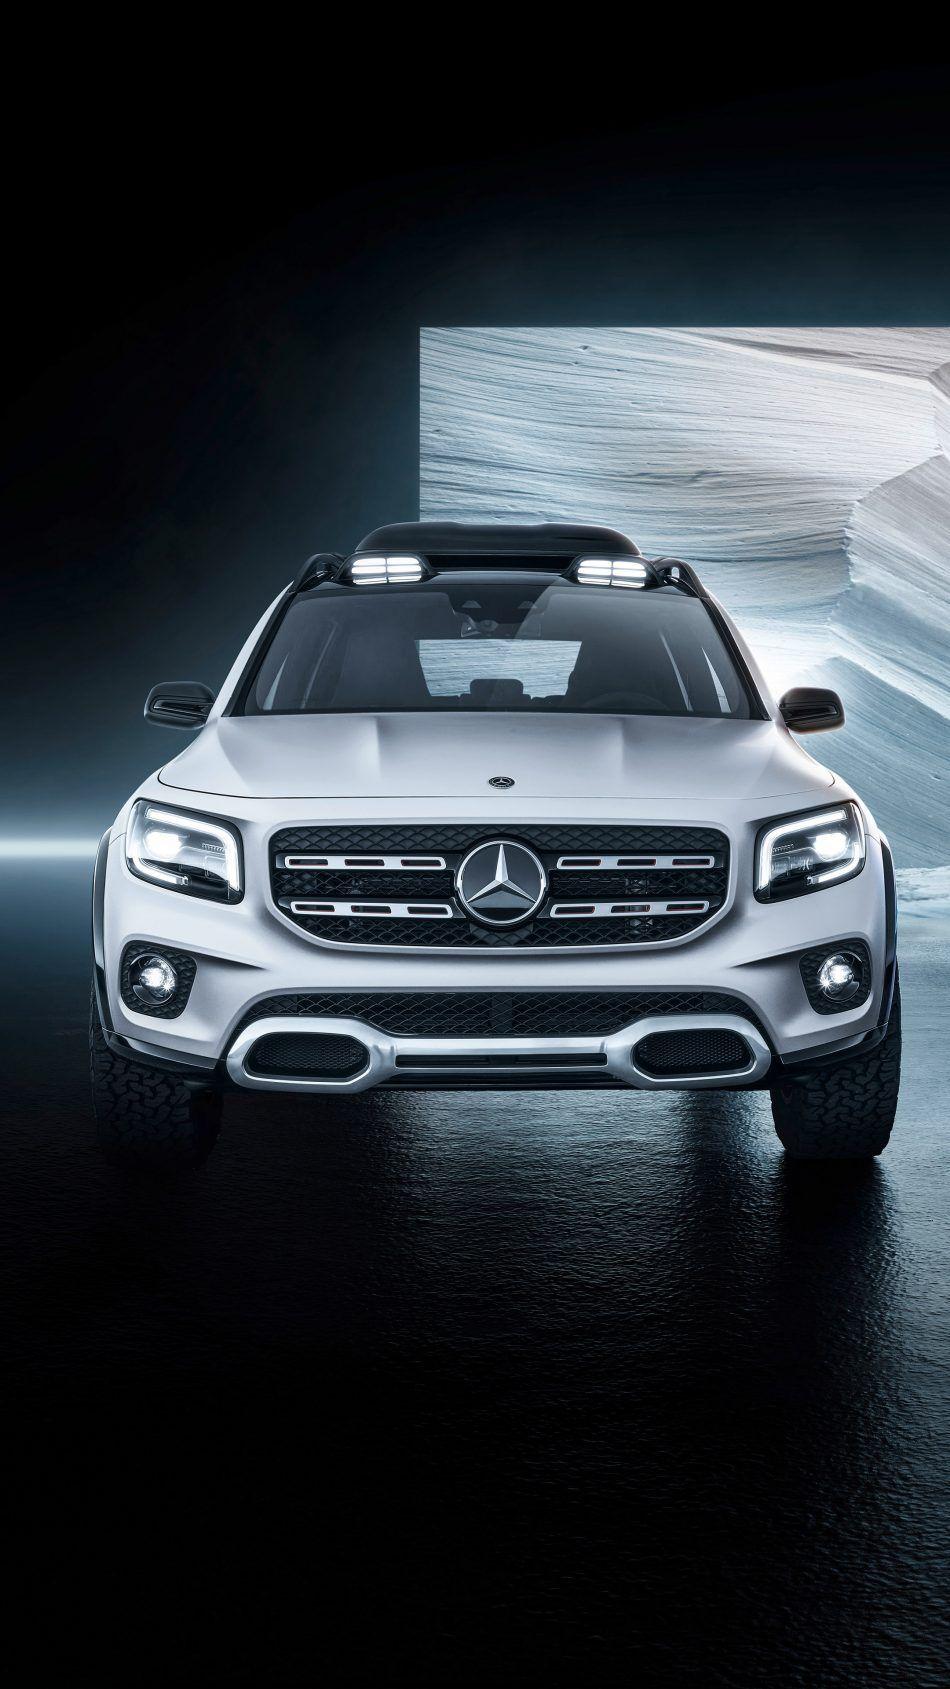 Mercedes Benz Concept Glb 2019 Mercedes Benz Mercedes Benz Suv